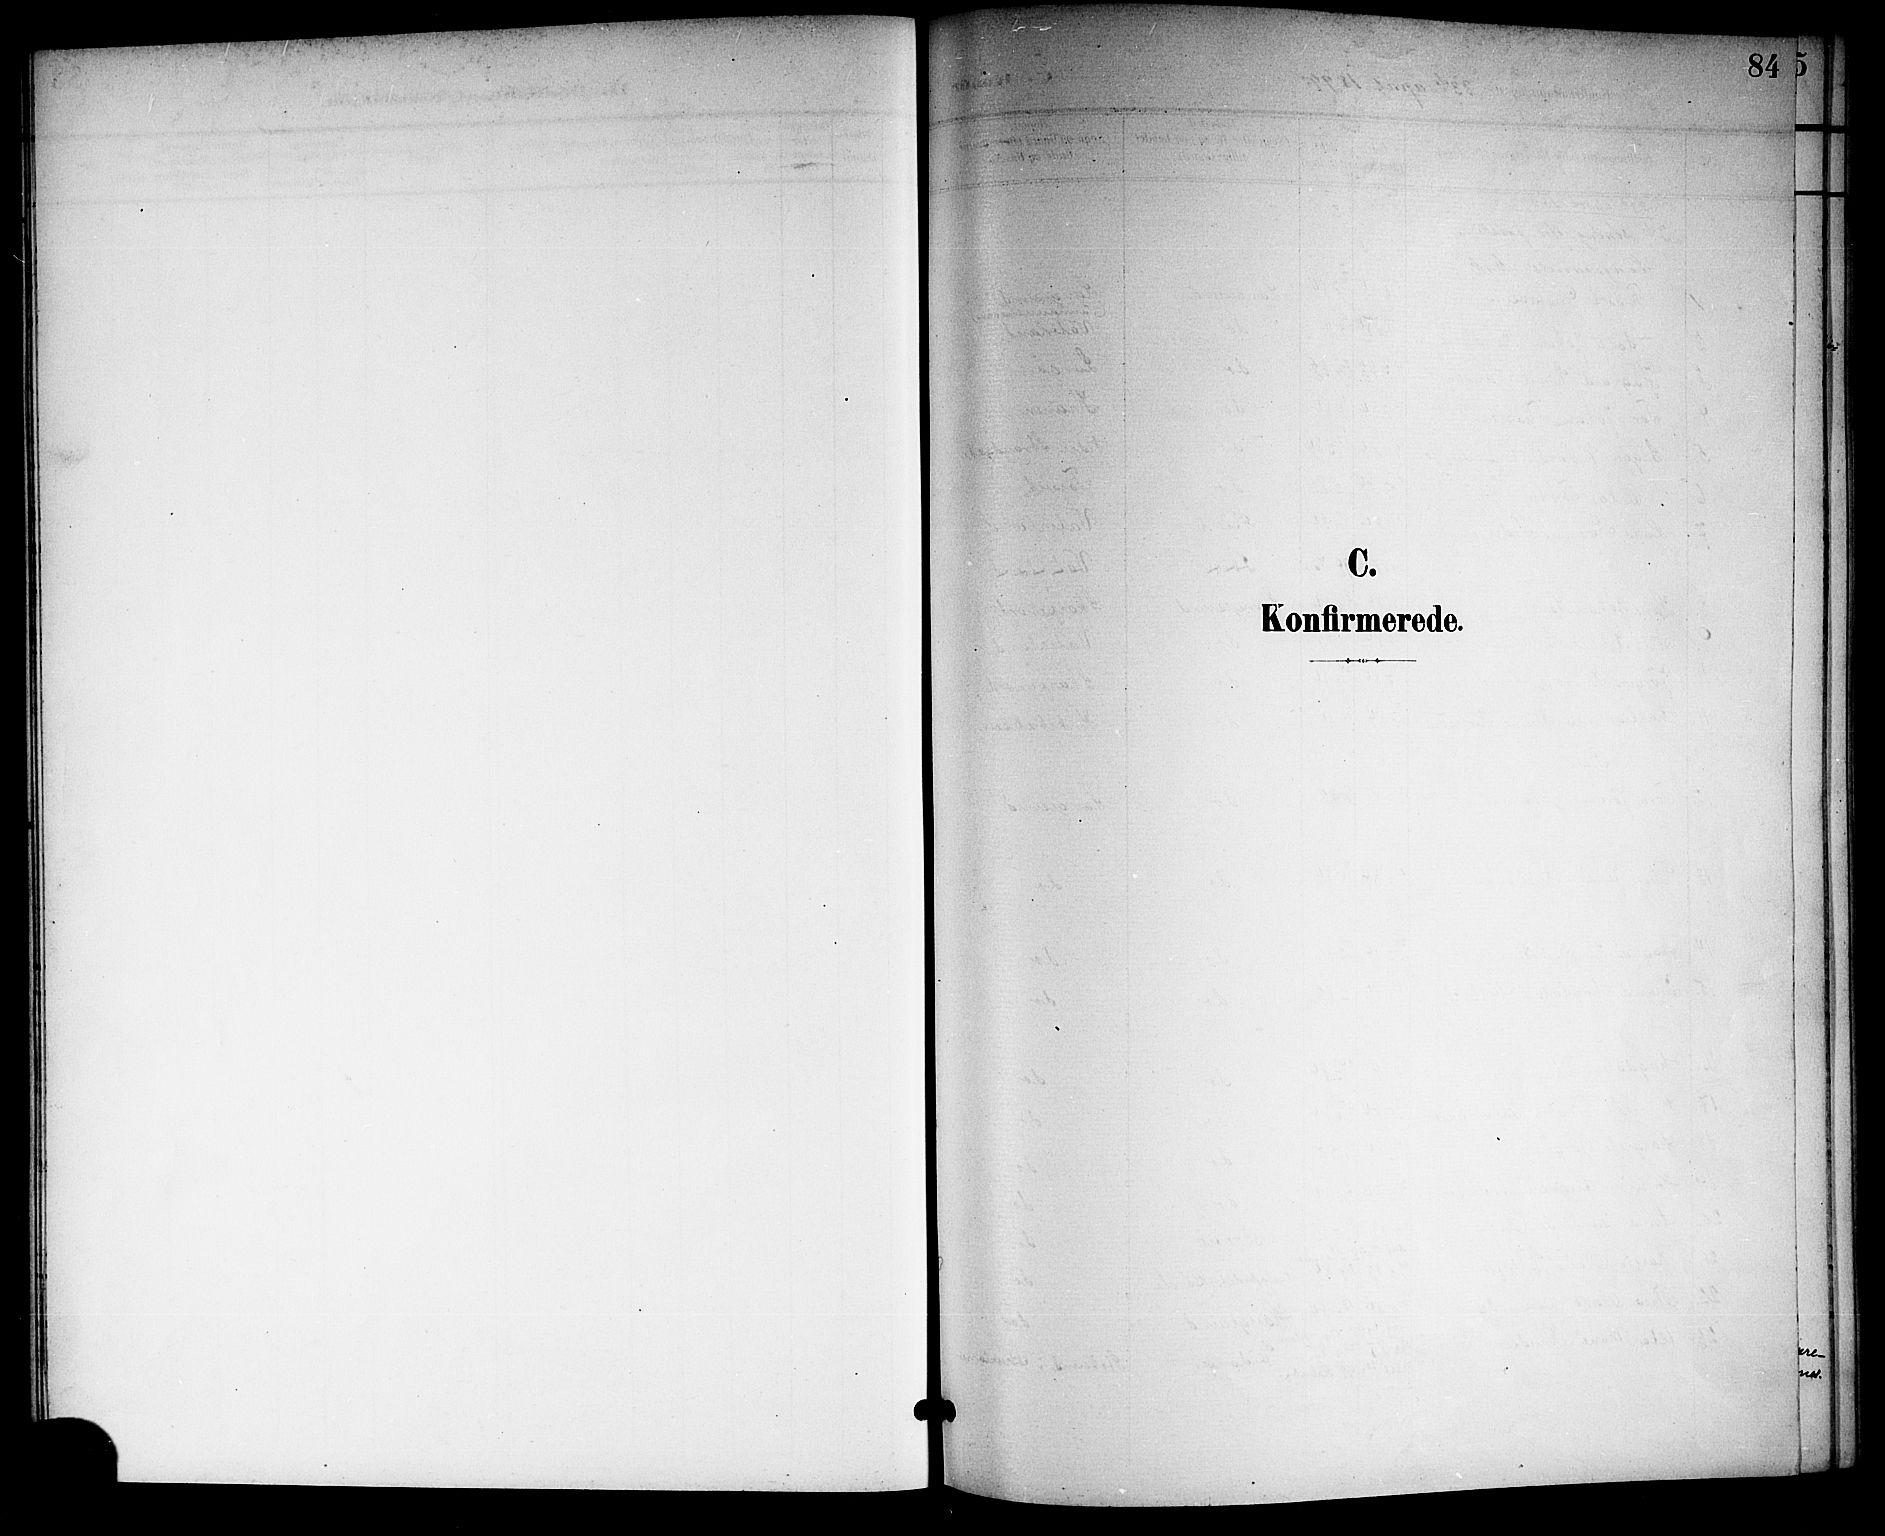 SAKO, Langesund kirkebøker, G/Ga/L0006: Klokkerbok nr. 6, 1899-1918, s. 84